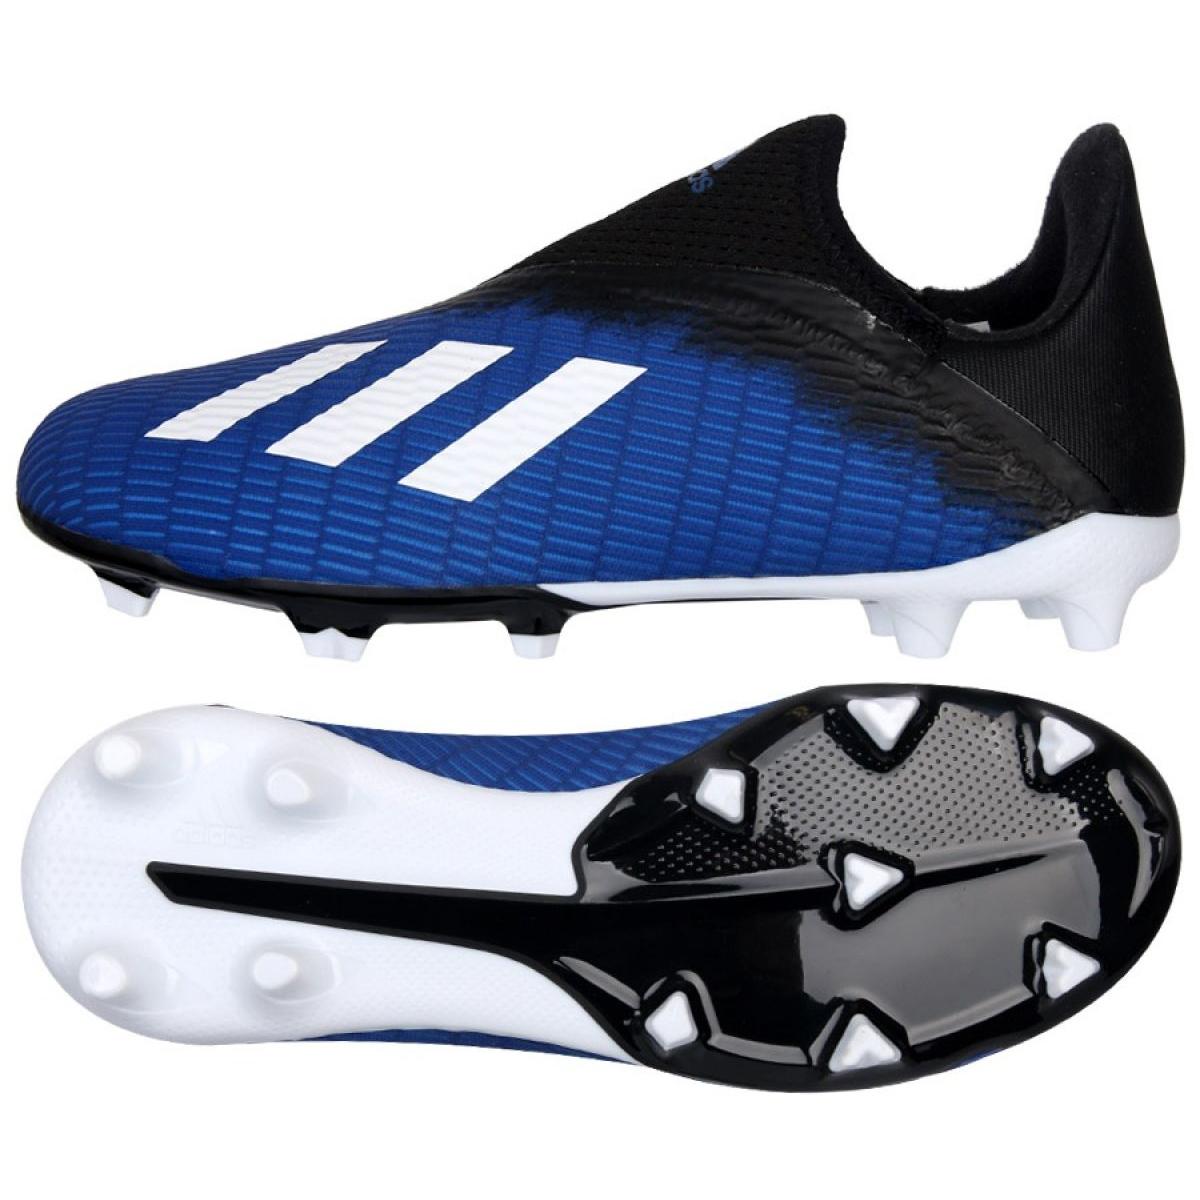 Adidas X 19.3 Ll Fg Jr EG9840 football shoes black black